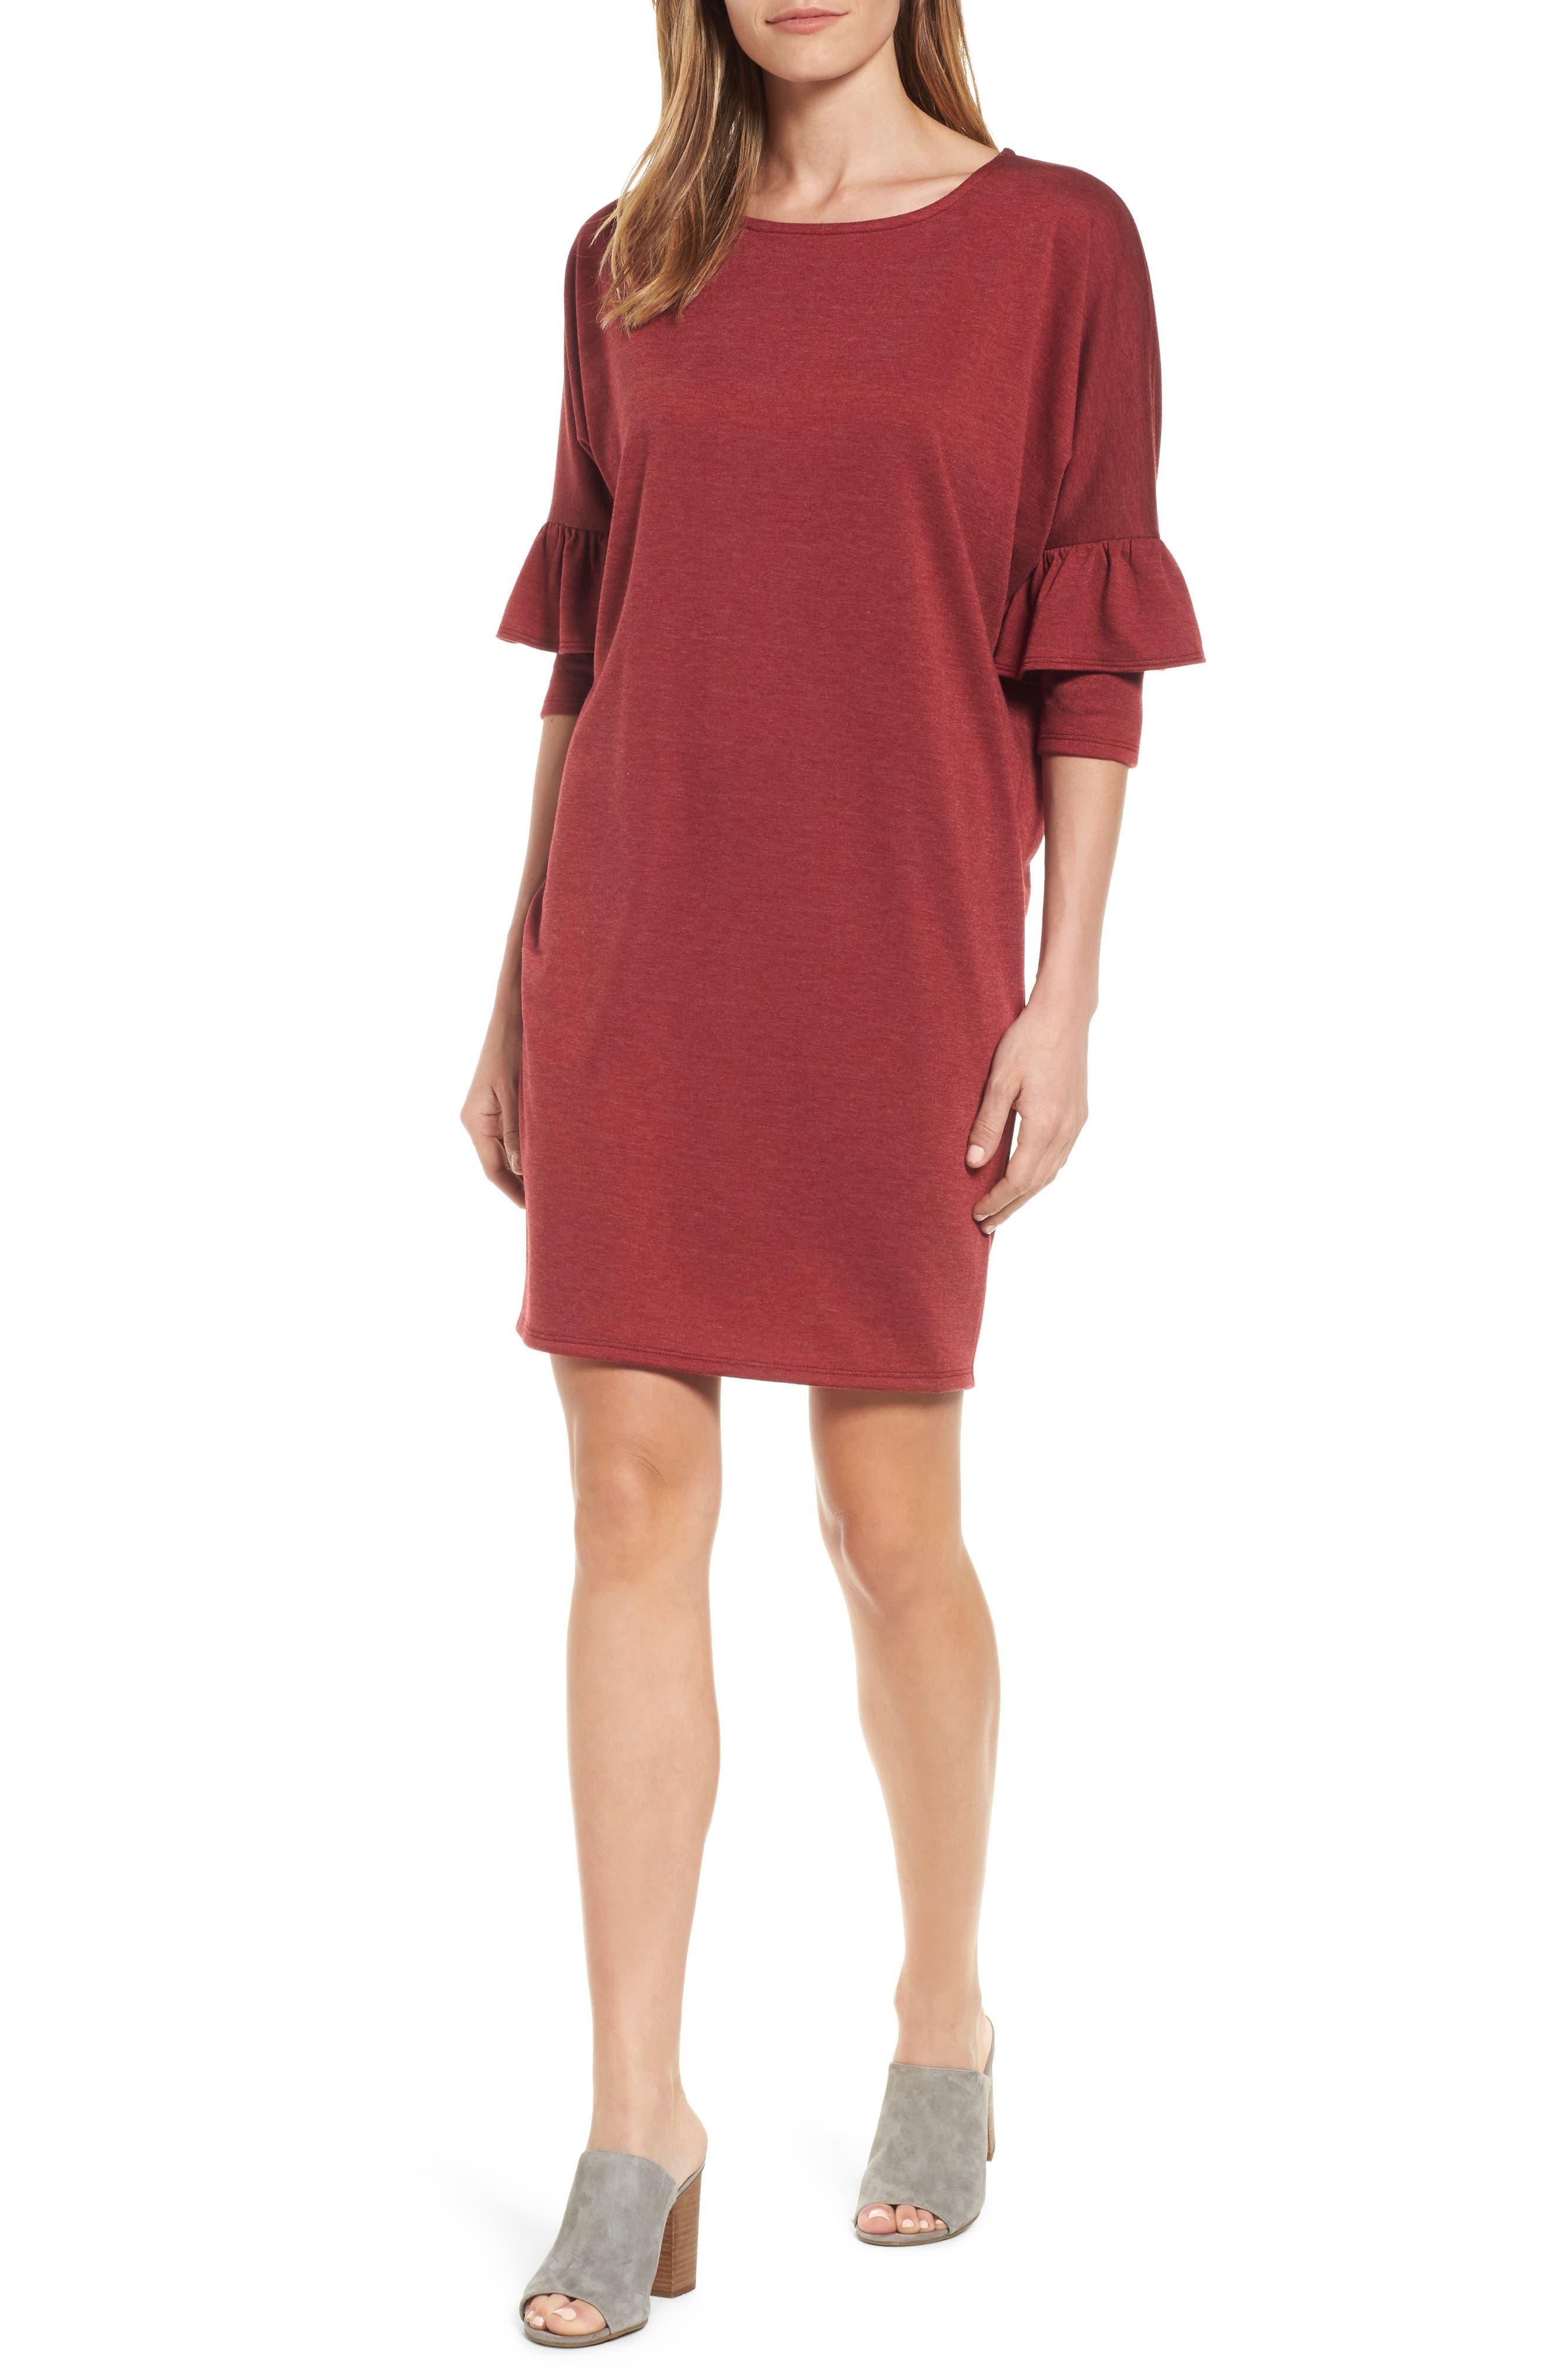 Bobeau Ruffle Sleeve Tunic Dress (Regular & Petite)